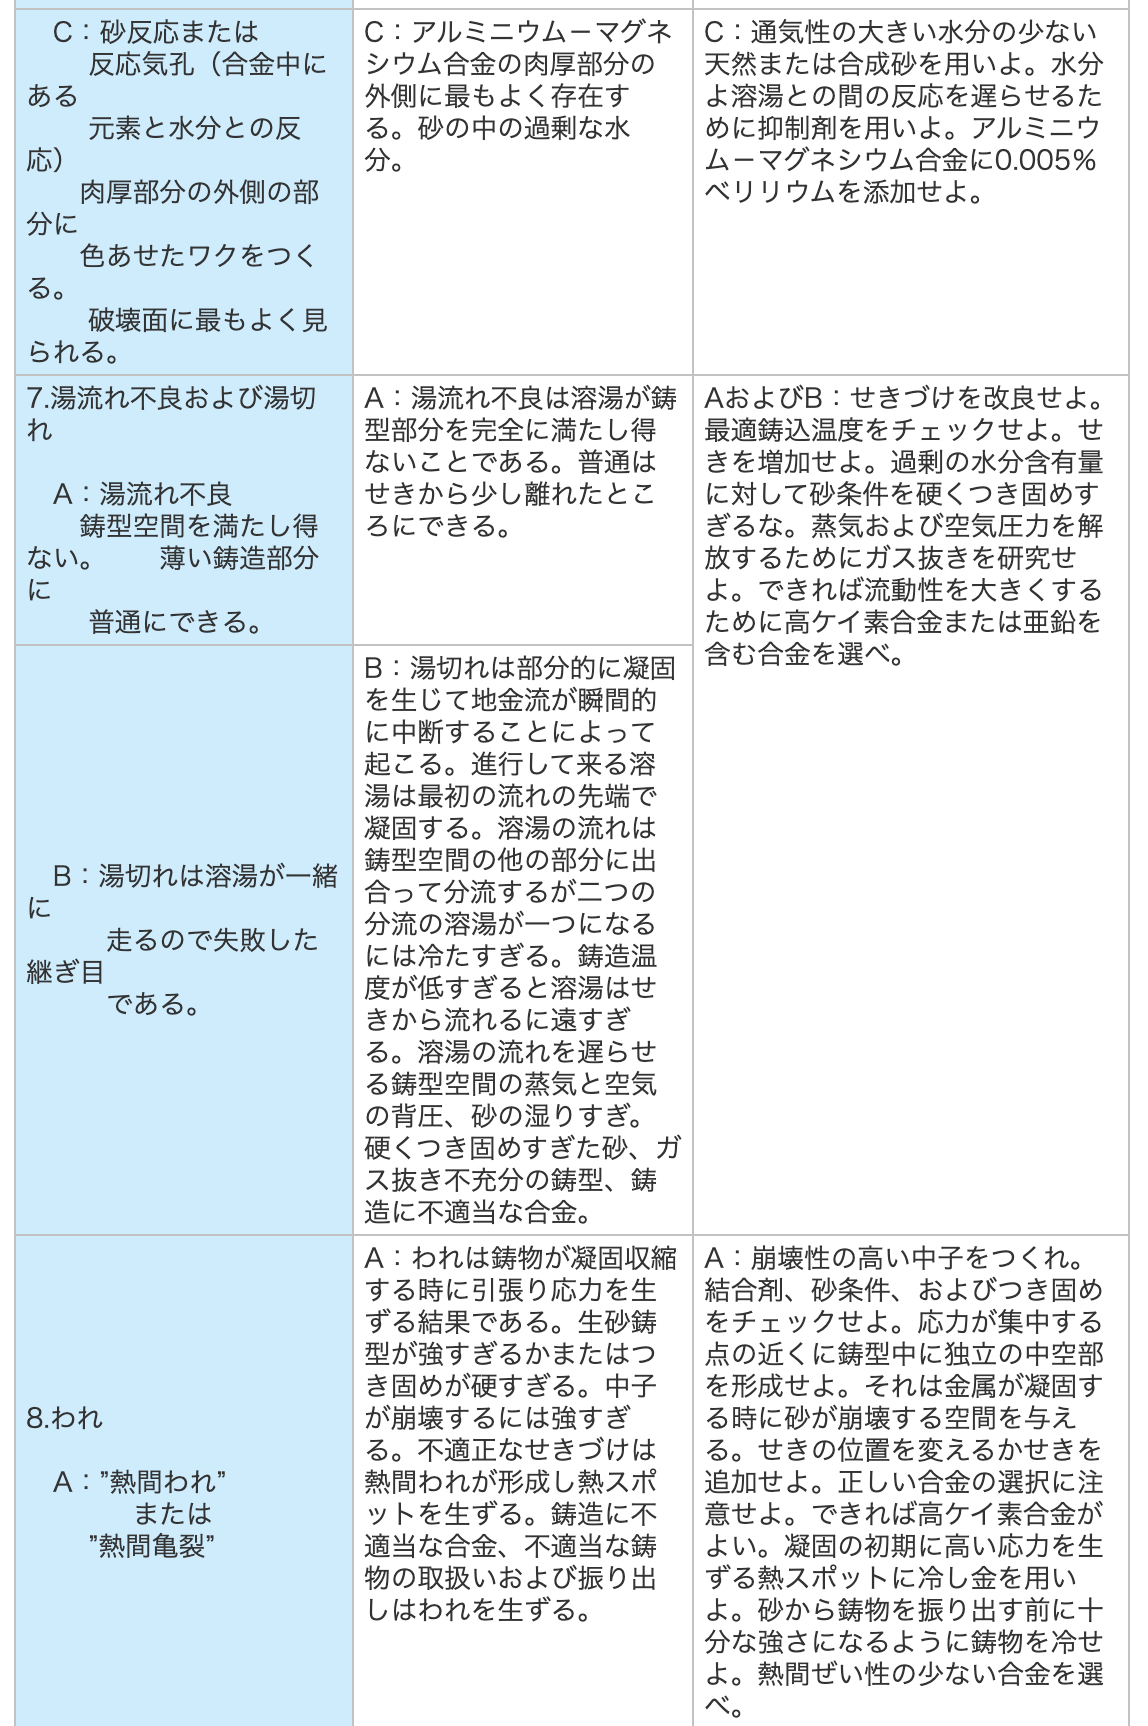 アルミ鋳造,アルミ鋳物,湯流れ不良・湯切れ・われの原因と予防策の表